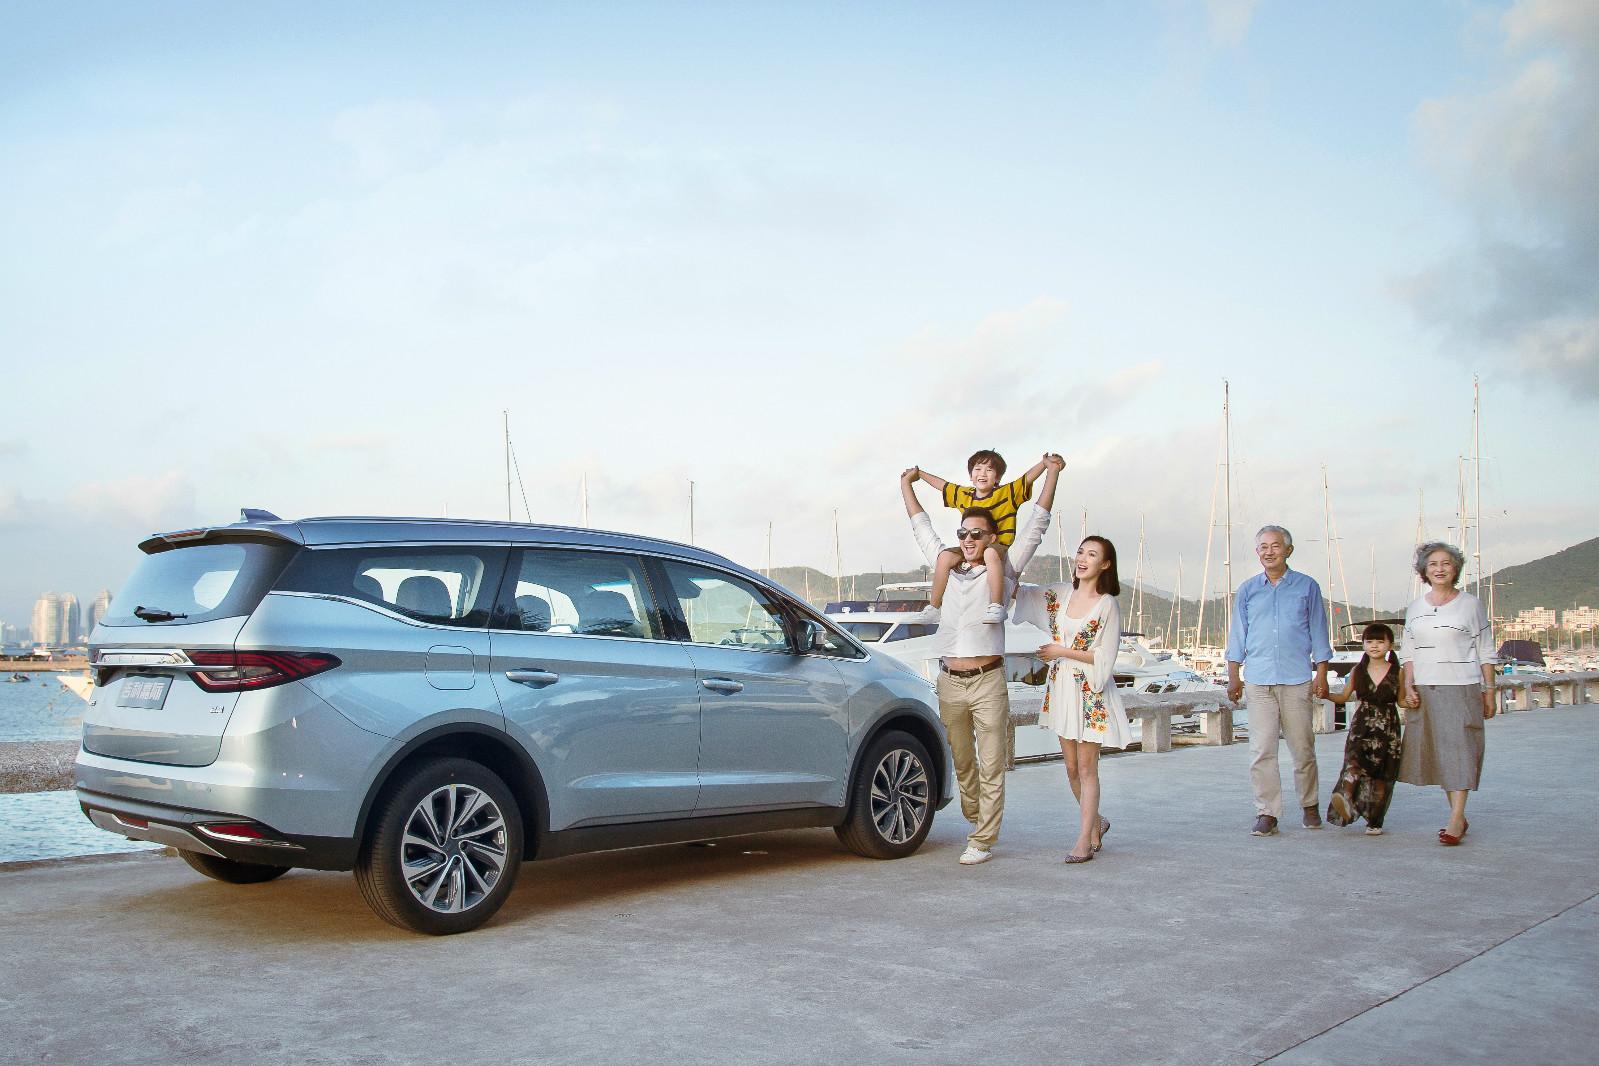 吉利嘉际面向全国推出购车特惠综合优惠最高可达2万元